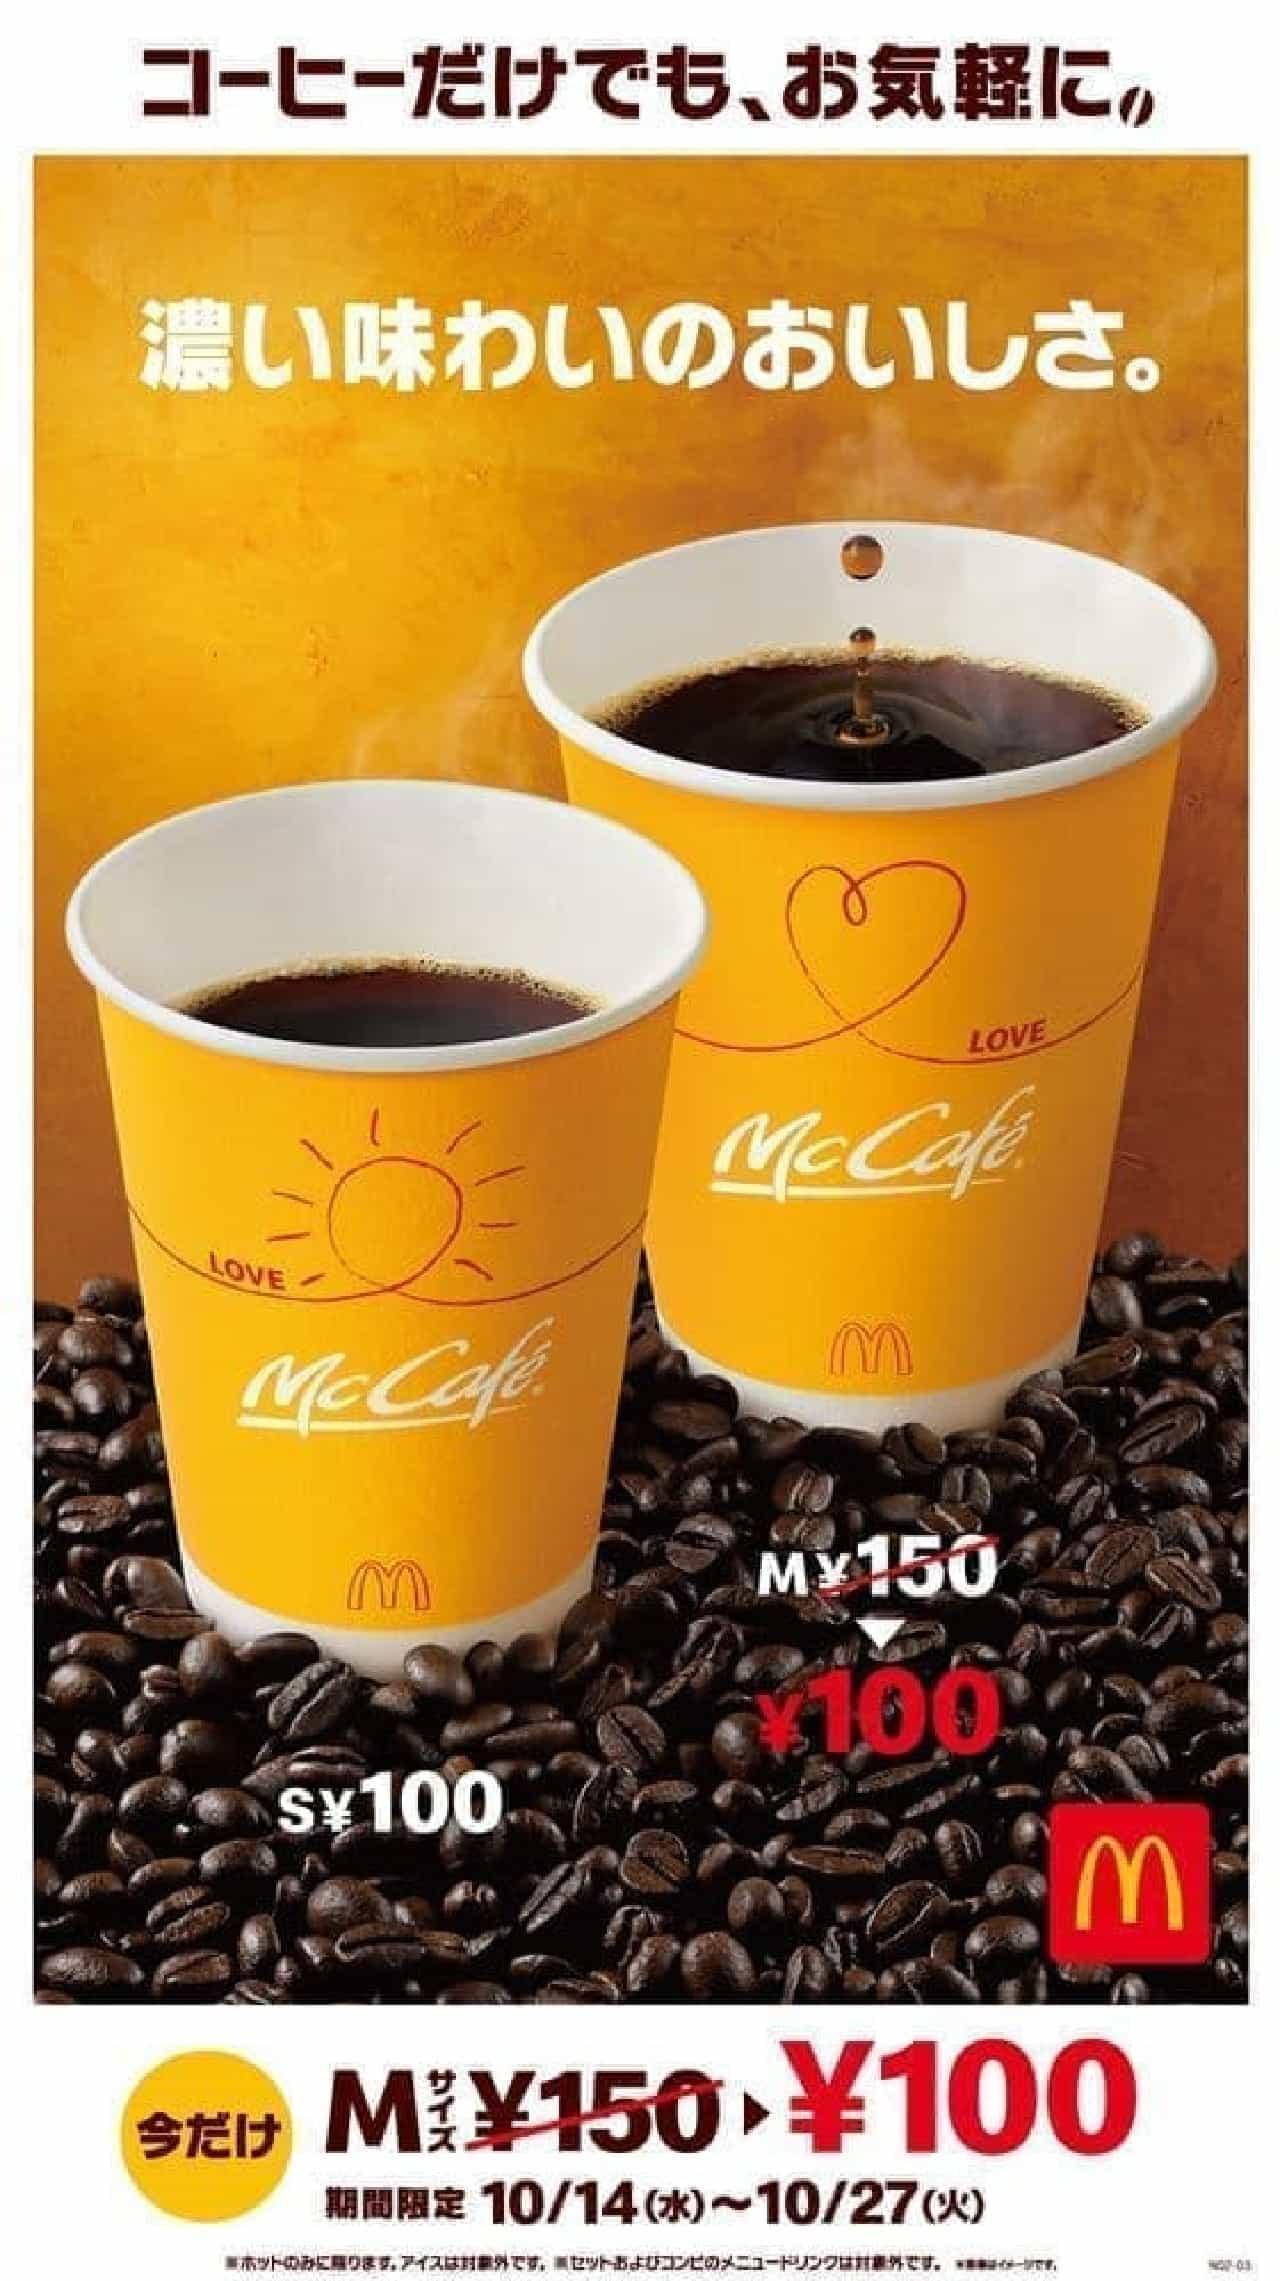 マクドナルドの「プレミアムローストコーヒー(ホット)」